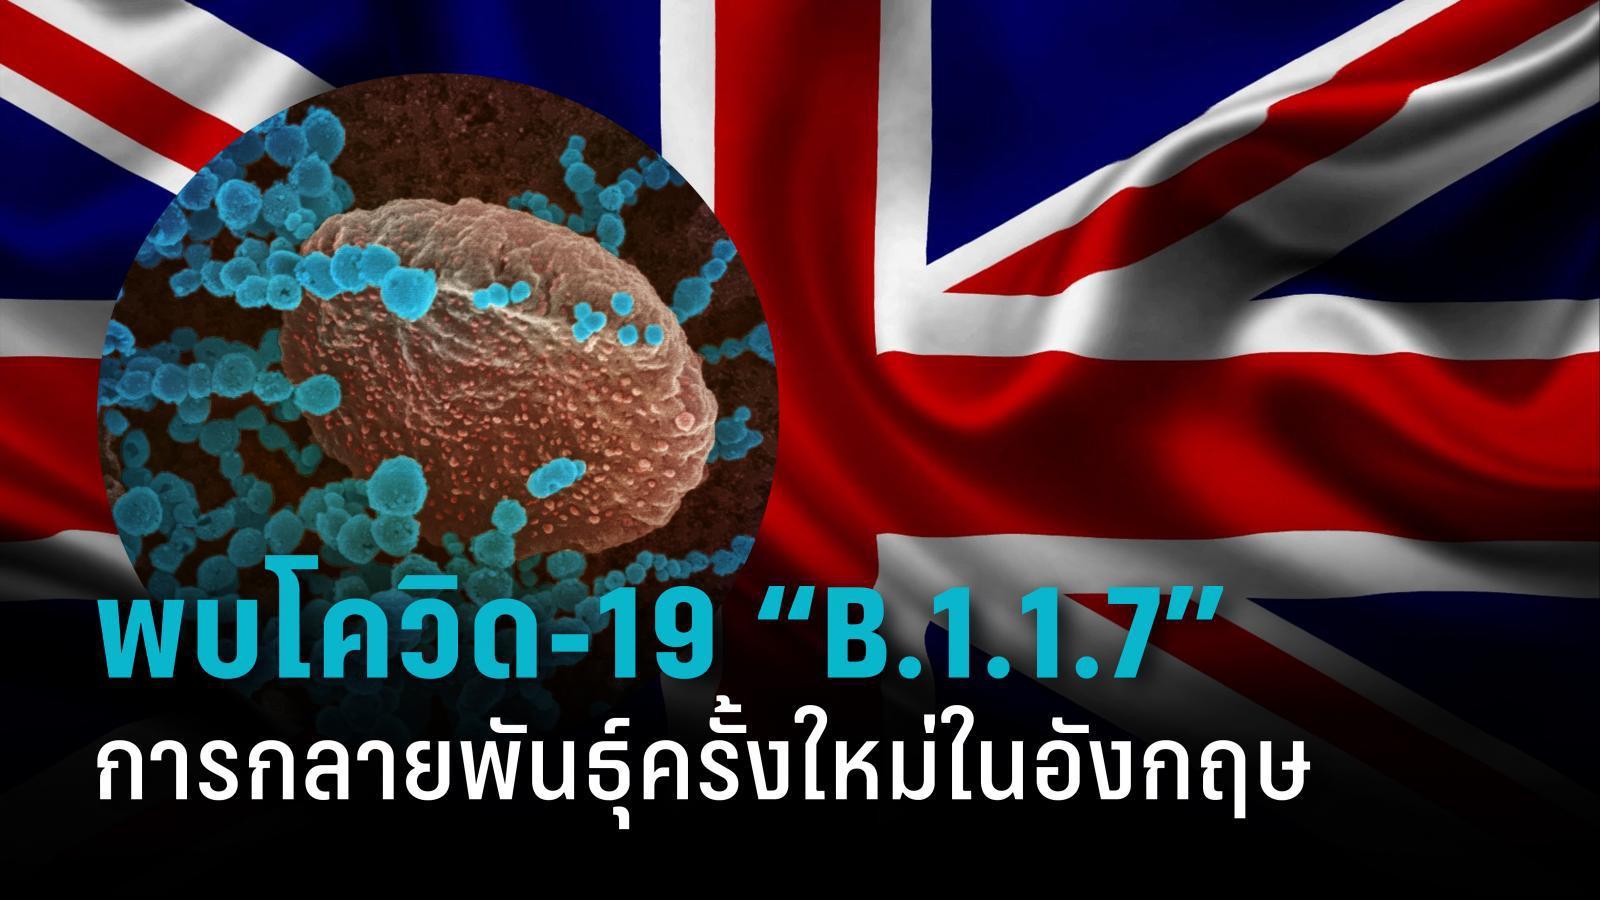 """พบโควิด-19 """"B.1.1.7"""" การกลายพันธุ์ครั้งใหม่ในอังกฤษ"""